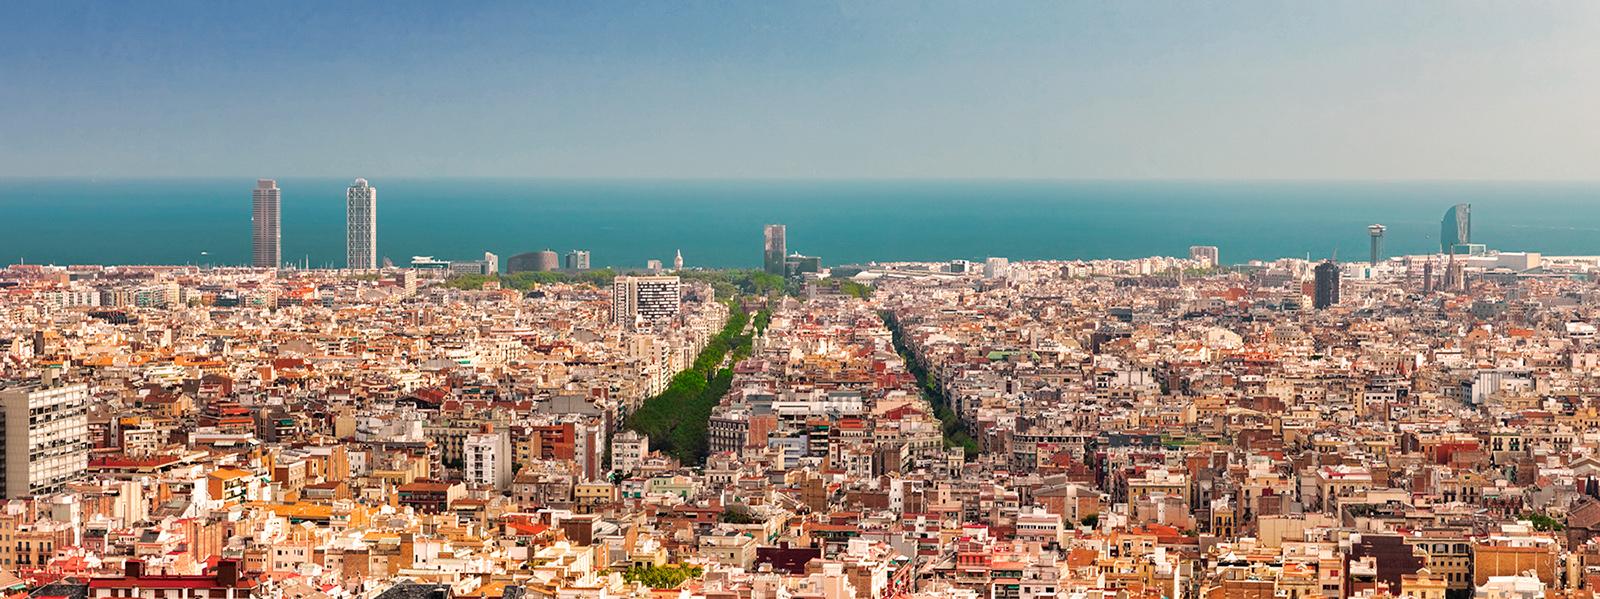 Propuesta conjunta torre bar escuelas arquitectura de - Escuela de arquitectura de barcelona ...